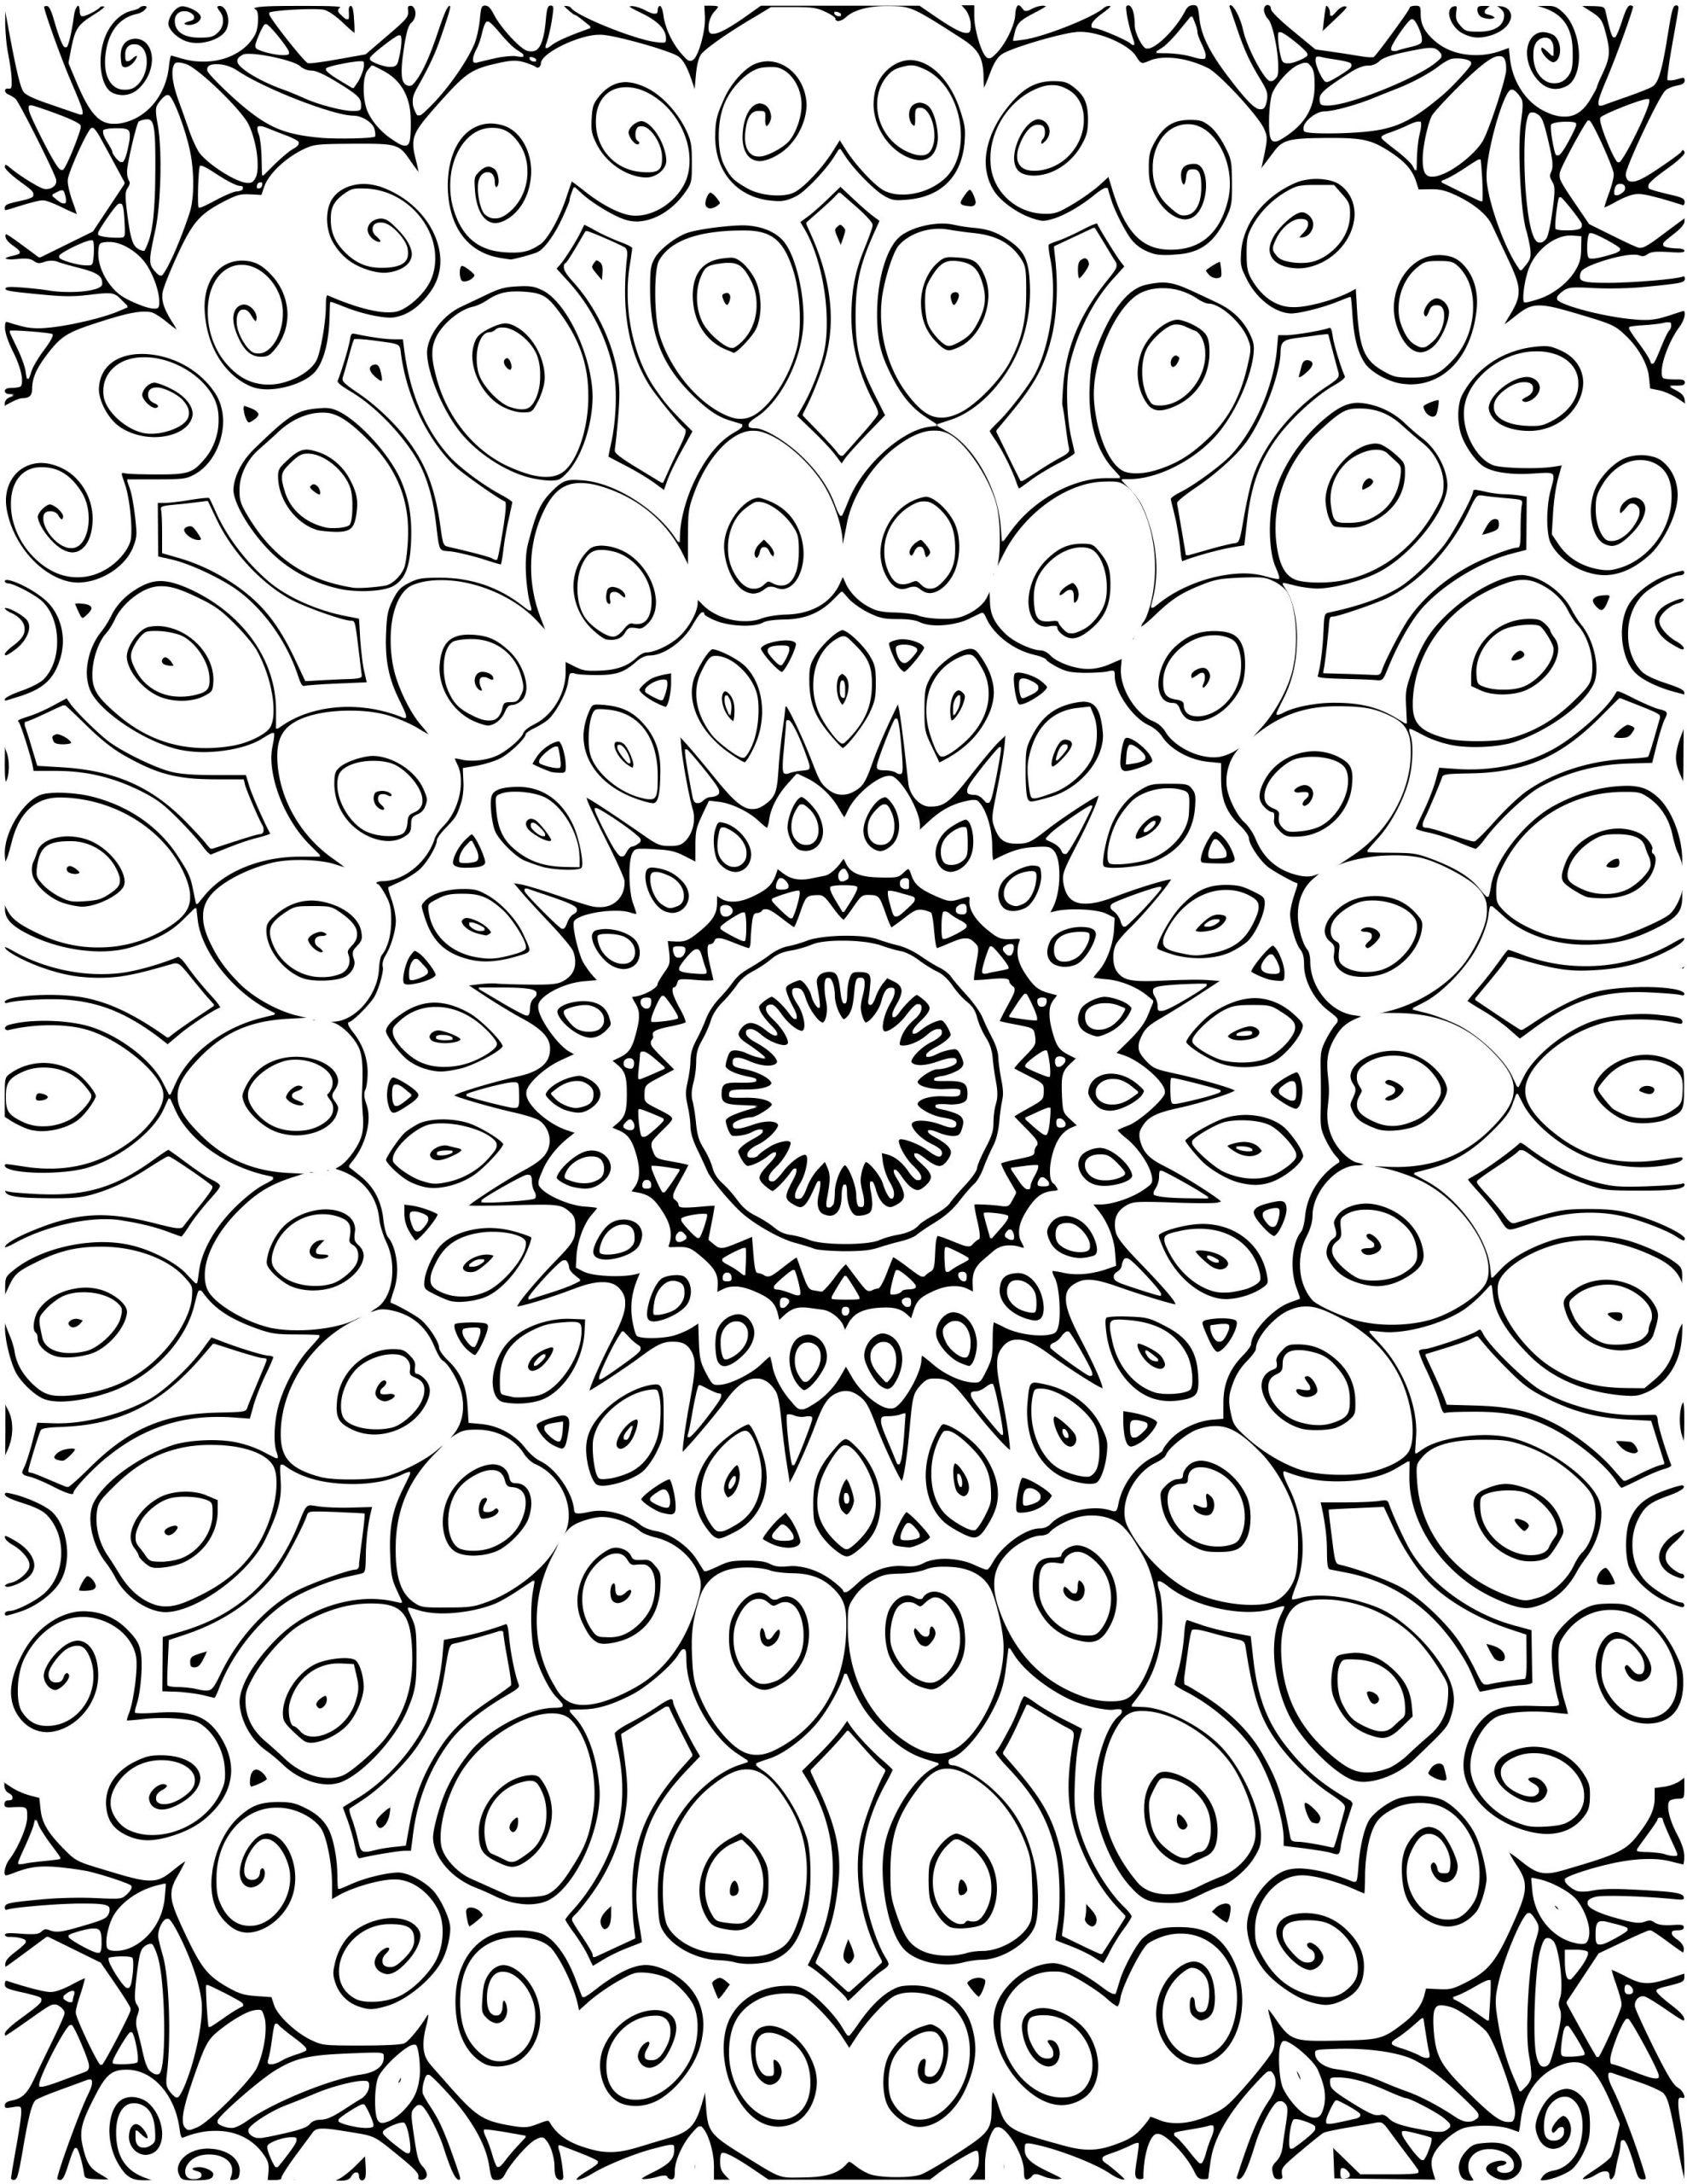 Mandala Ausmalen Für Erwachsene - Ausmalbilder Kostenlos innen Mandalas Für Erwachsene Zum Ausmalen